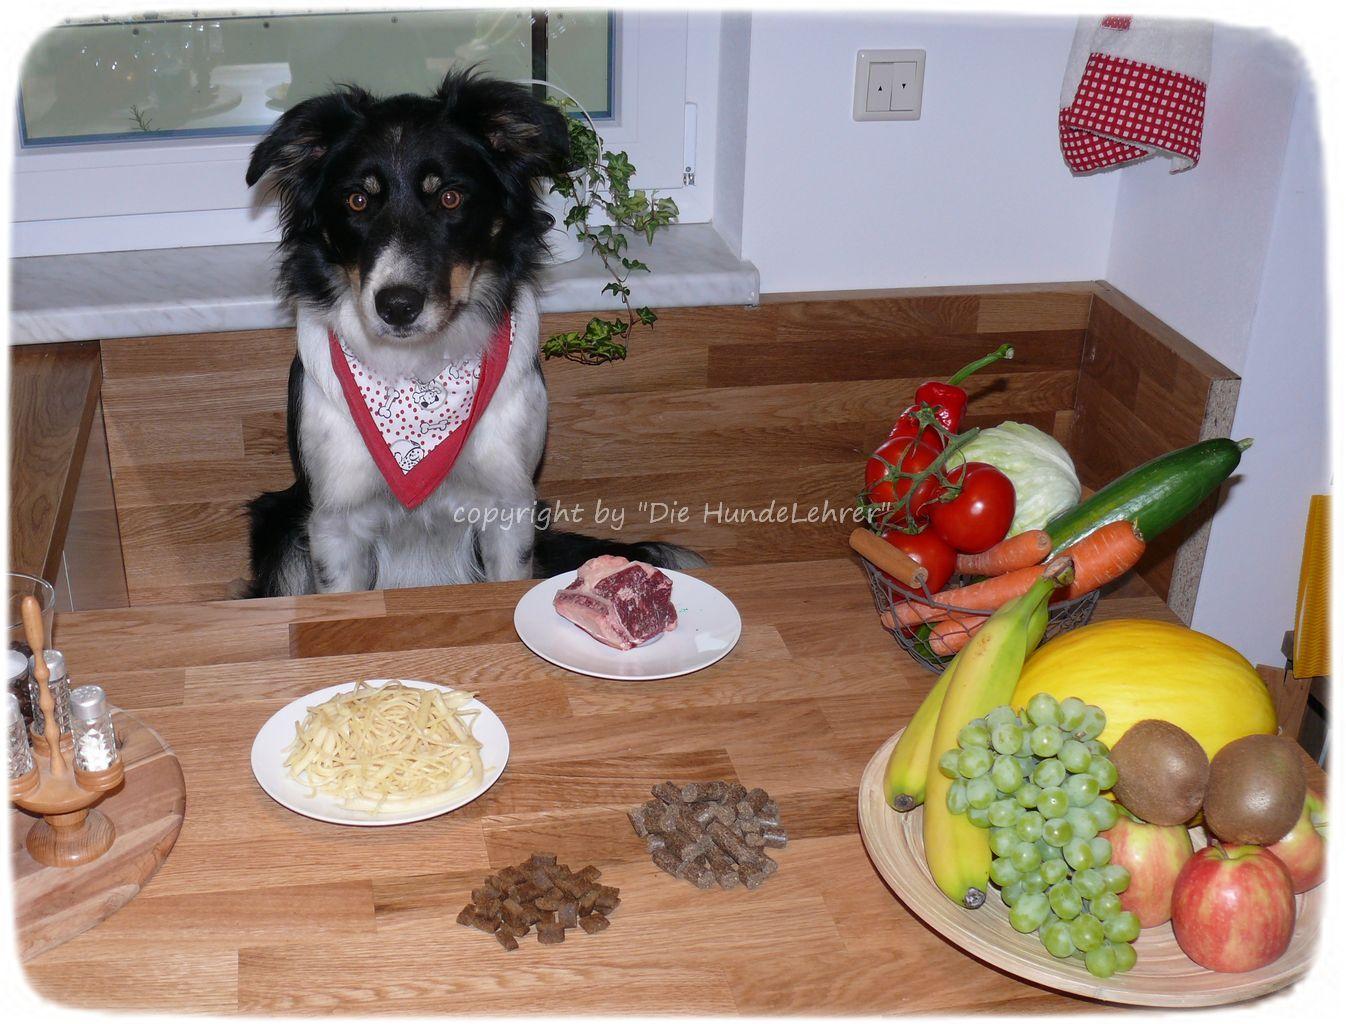 Hund sitzt am Tisch vor Futter